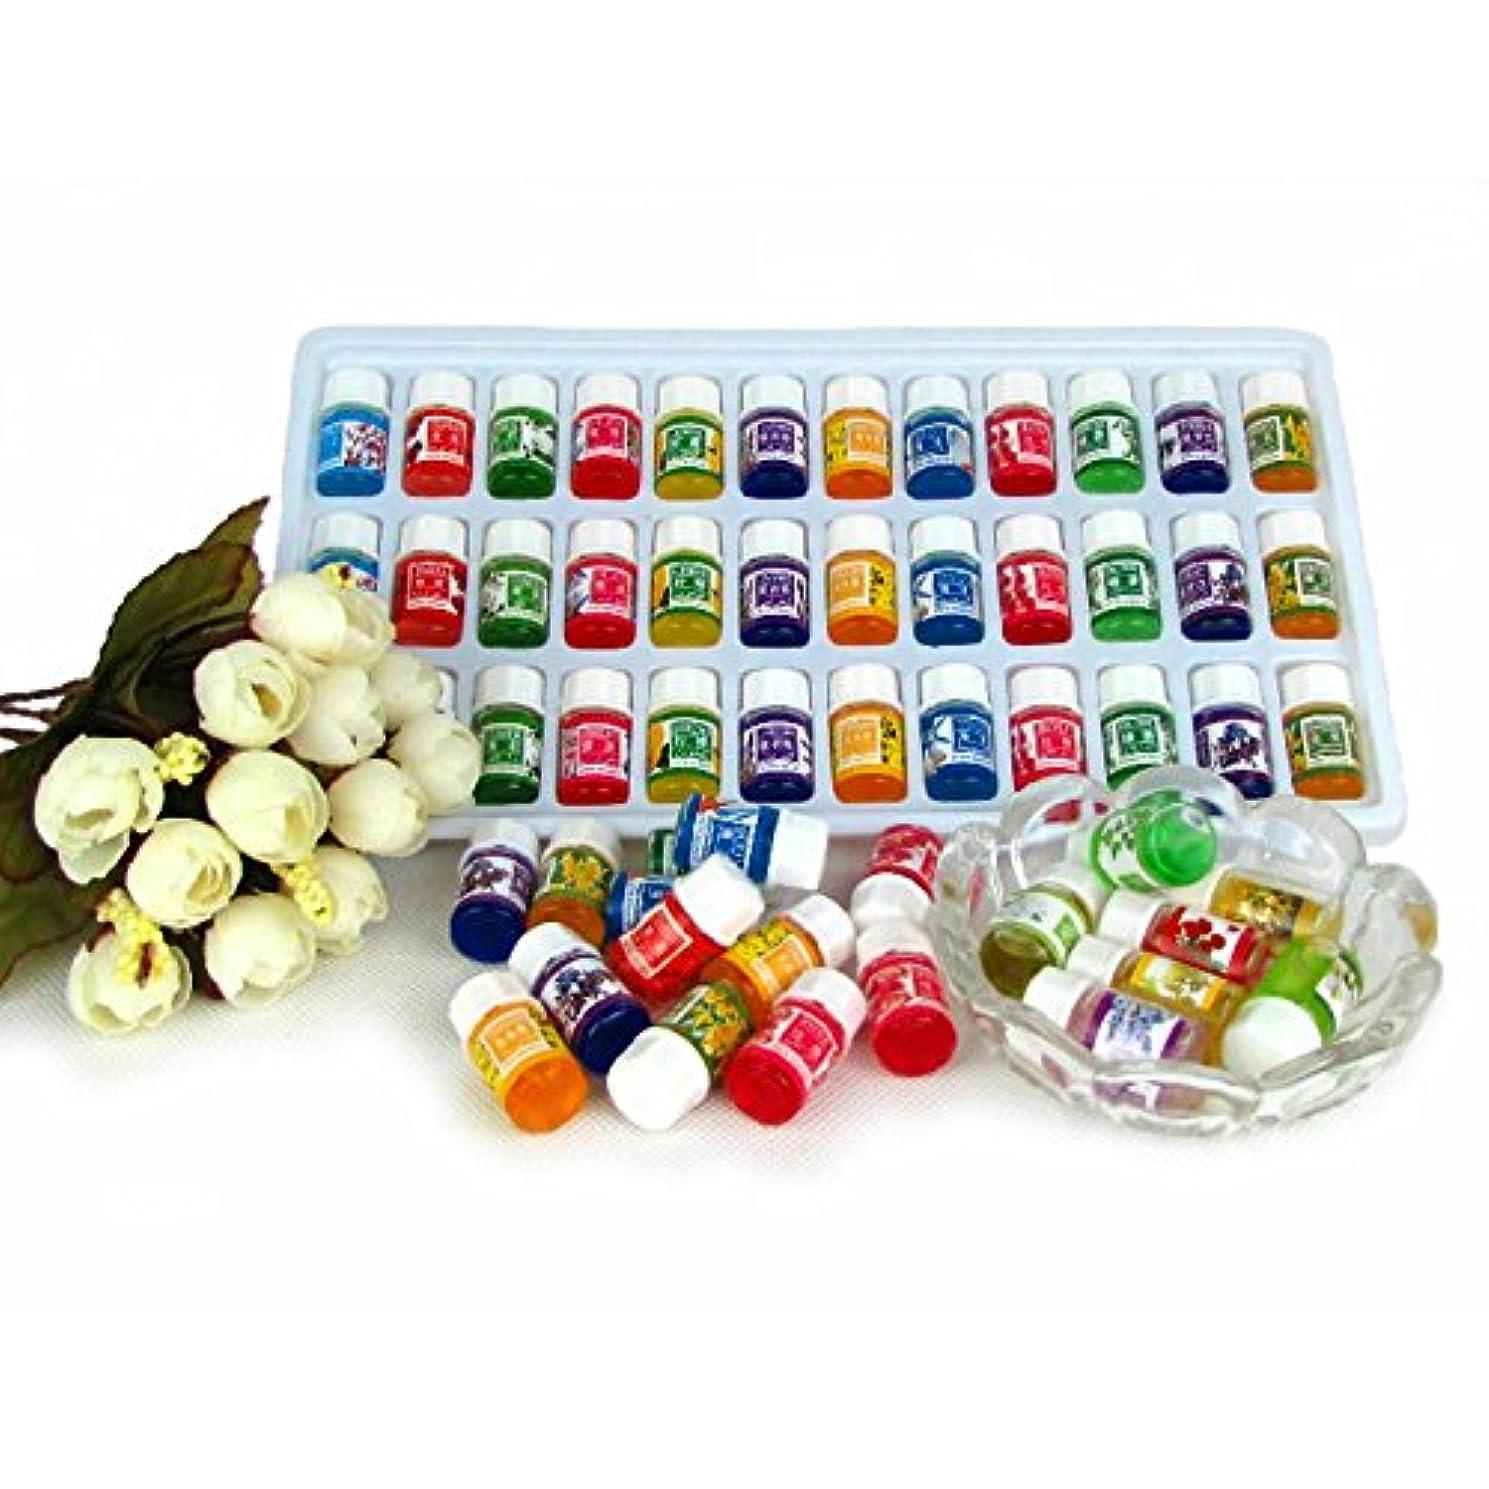 拾う意義ラップHongch ピュアラベンダーエッセンシャルオイル 毎日パックセット ナチュラル36pcs / lot 水溶性 12種類の香り 毎日